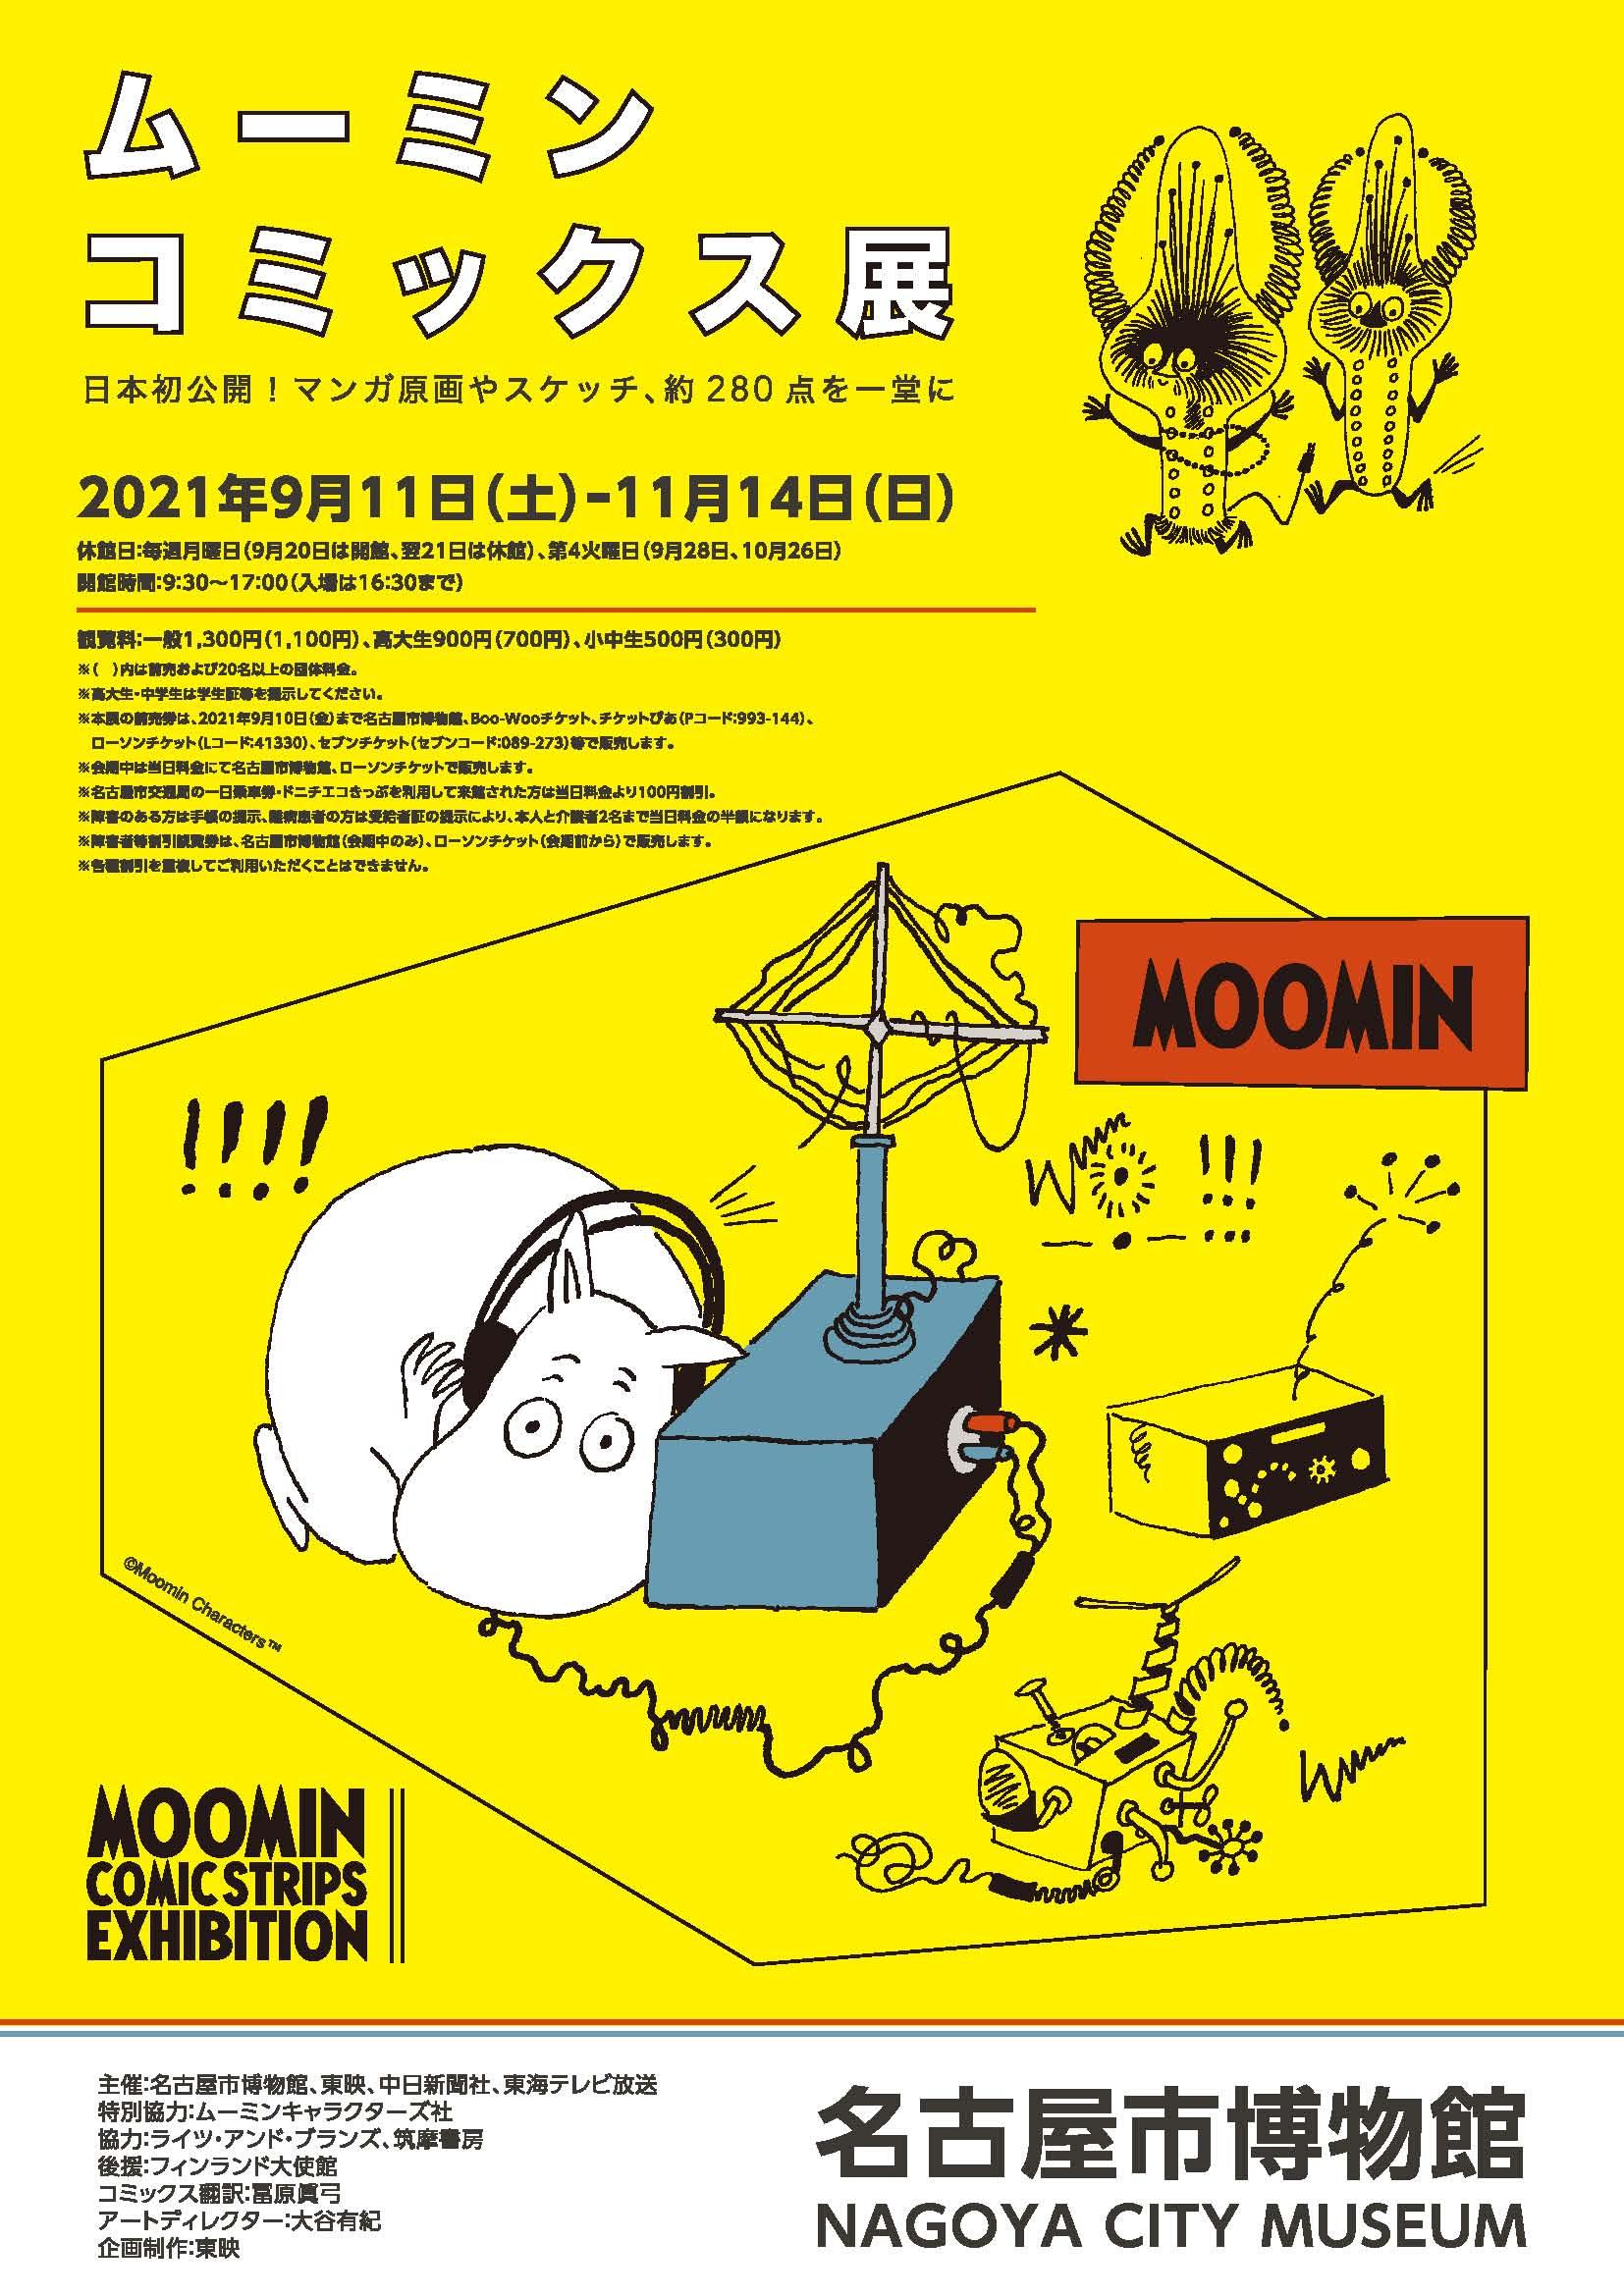 ムーミンコミックス展